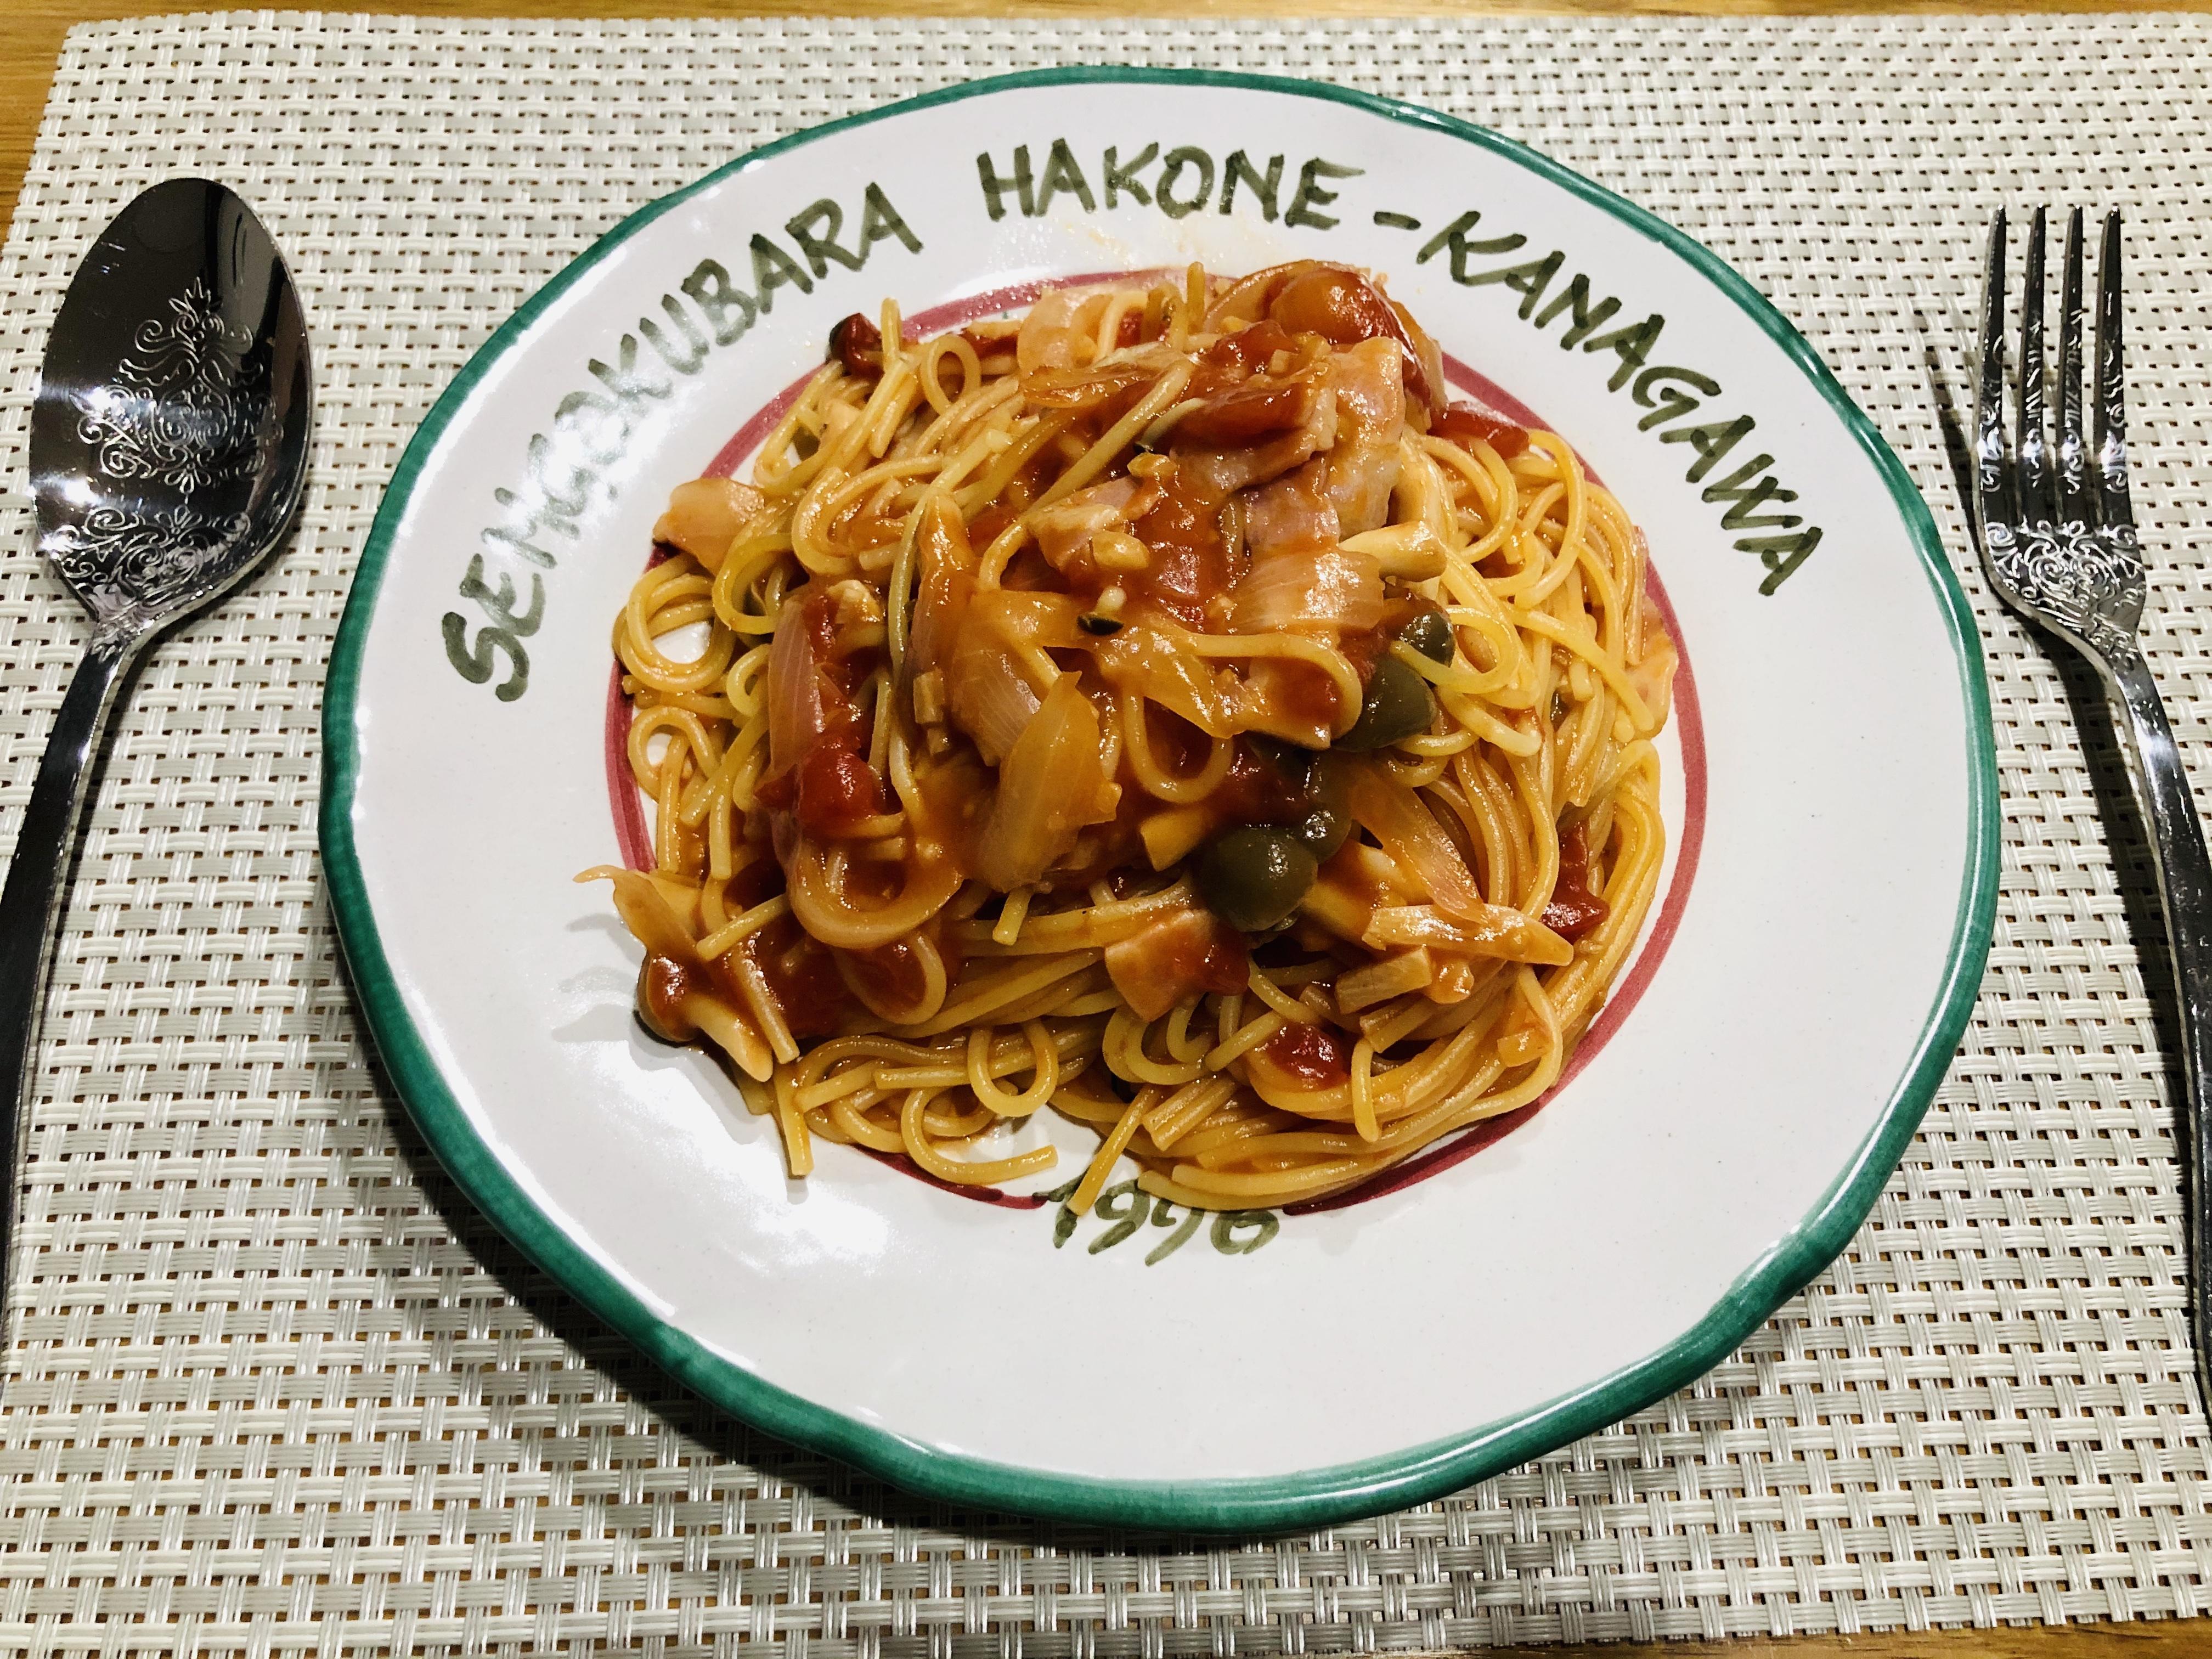 ホットクックでパスタごと煮るトマトパスタ完成